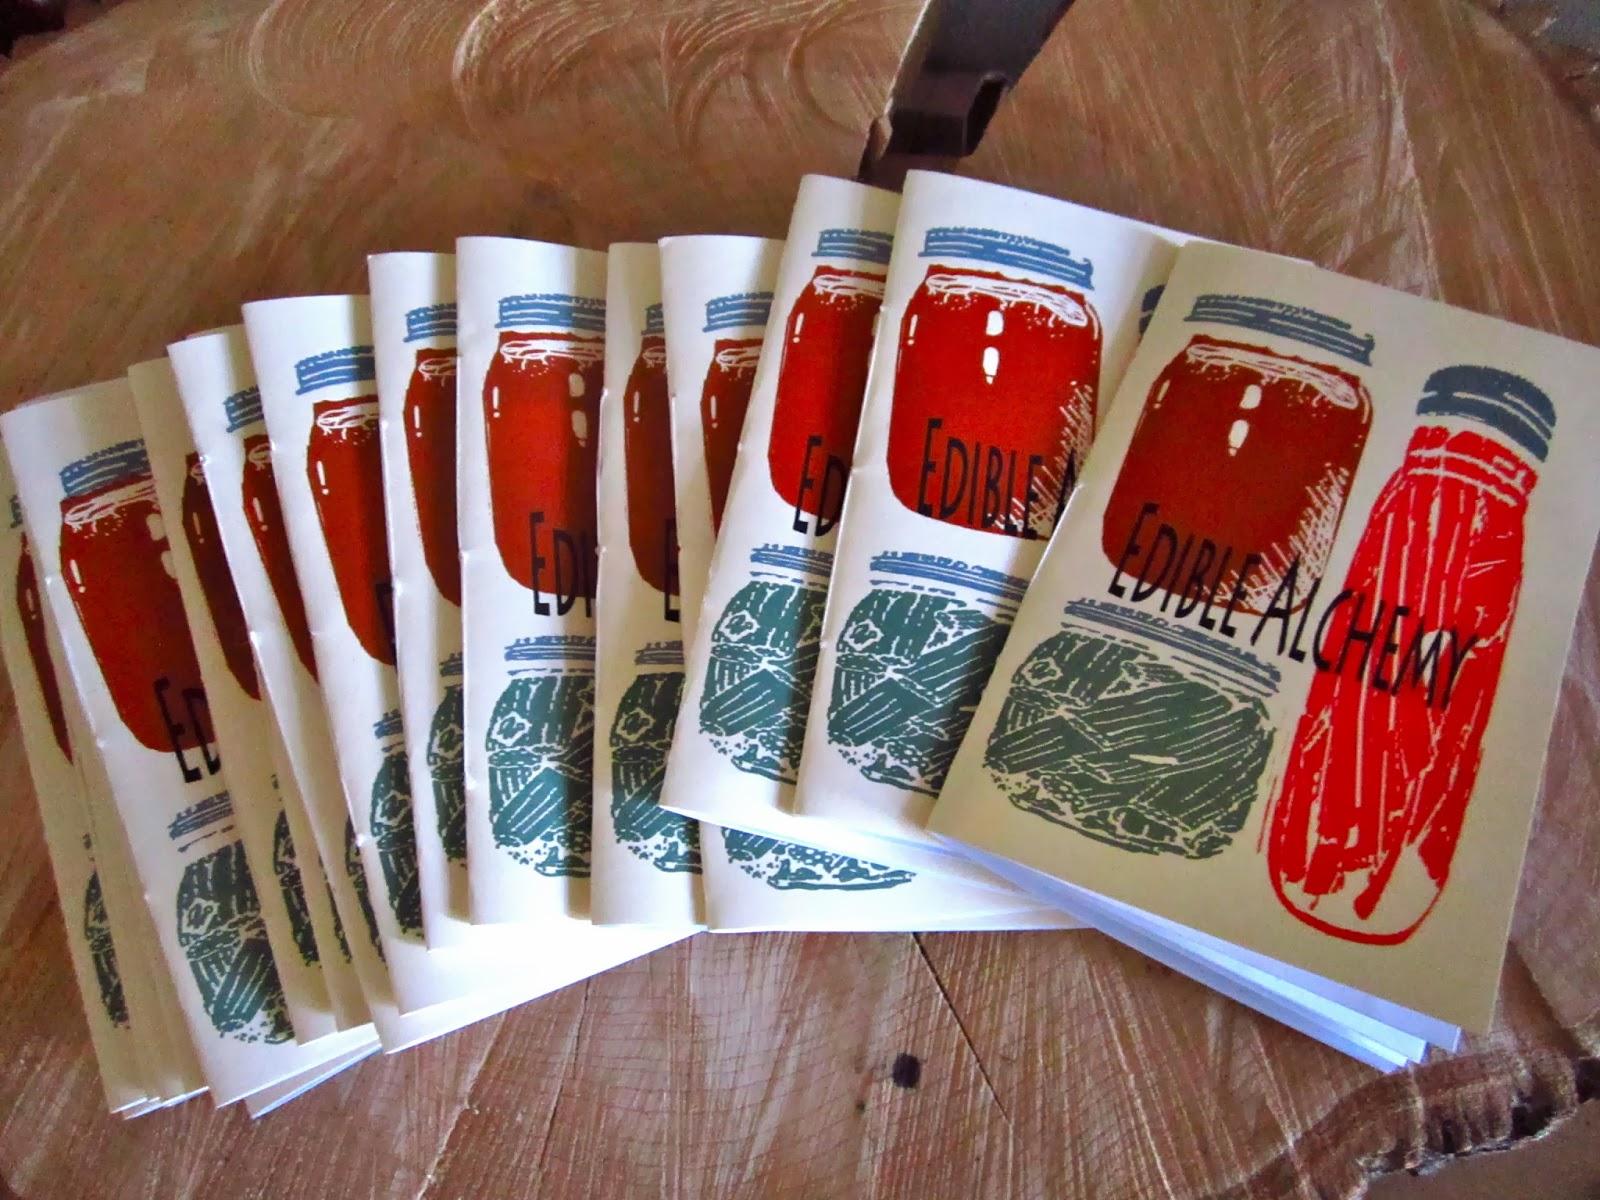 edible alchemy fanzine